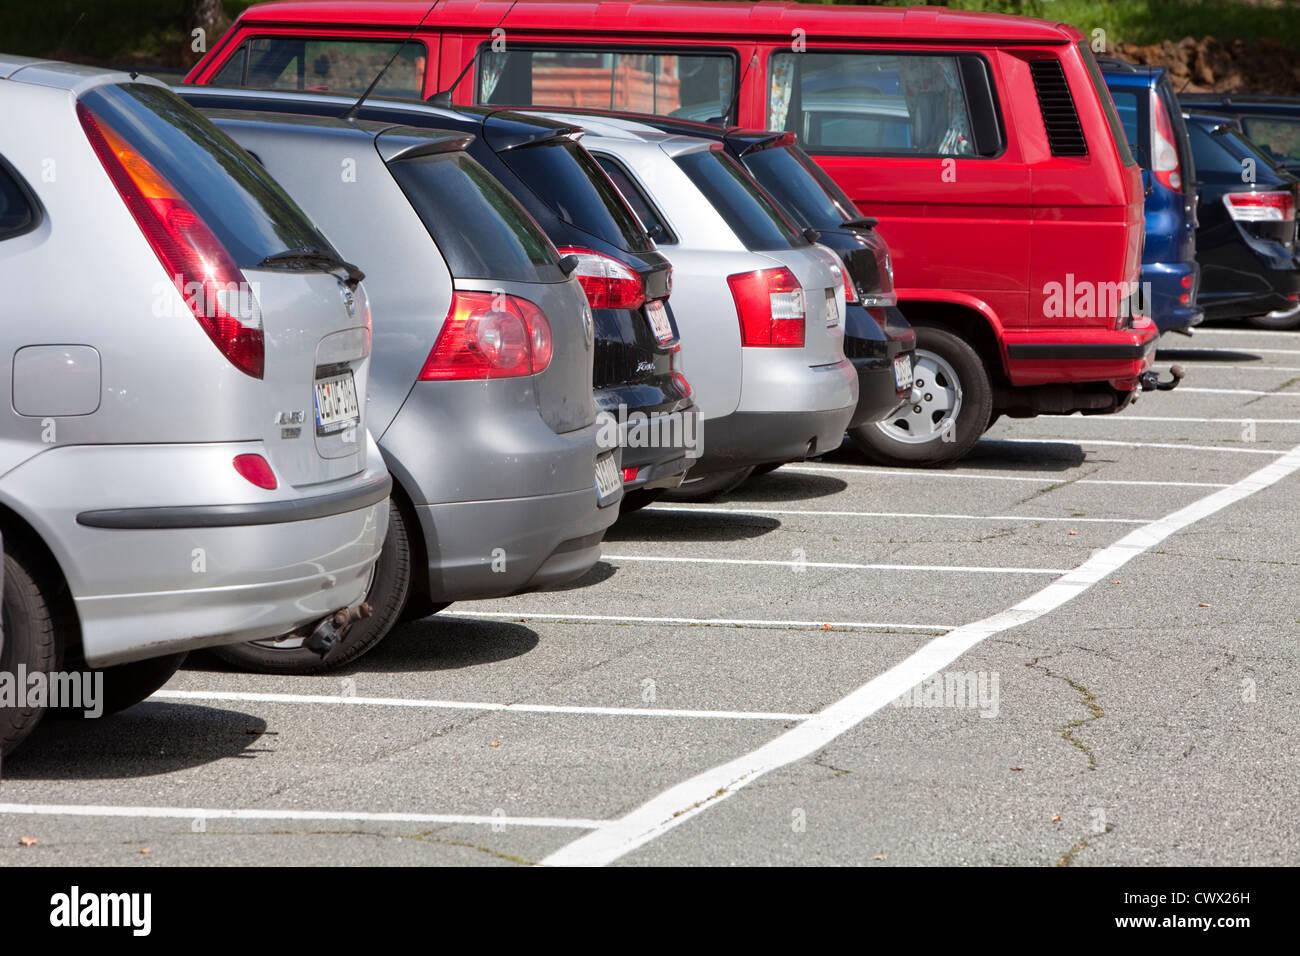 Territoires de l'aire de stationnement, notion de droit, les places de parking à l'Allemagne, de l'Europe Photo Stock